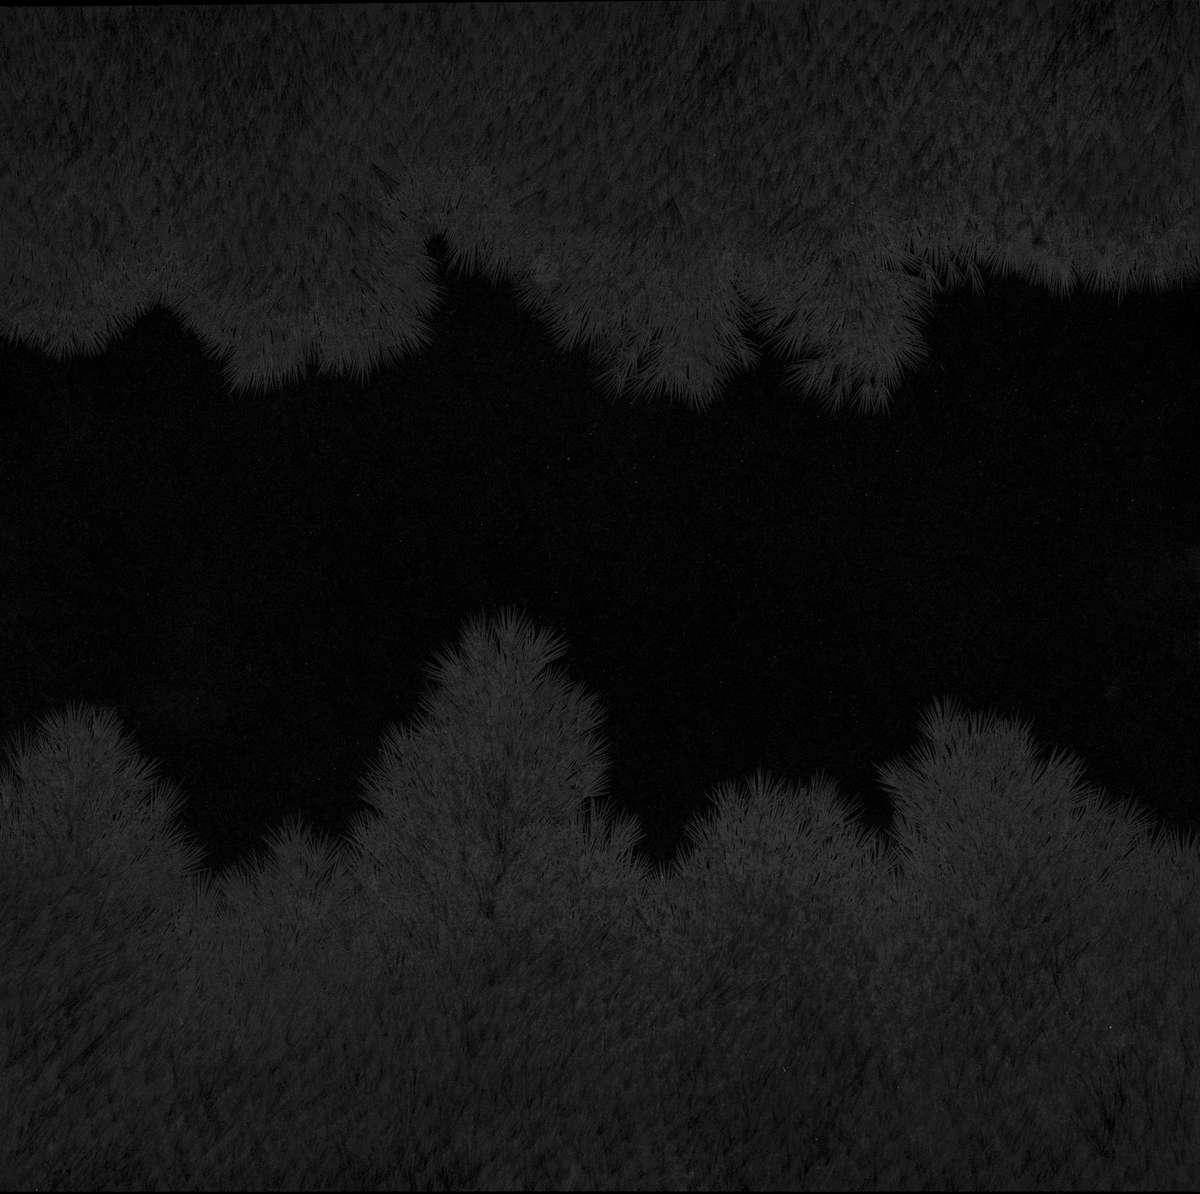 Tina Konec, Night sequences XLII